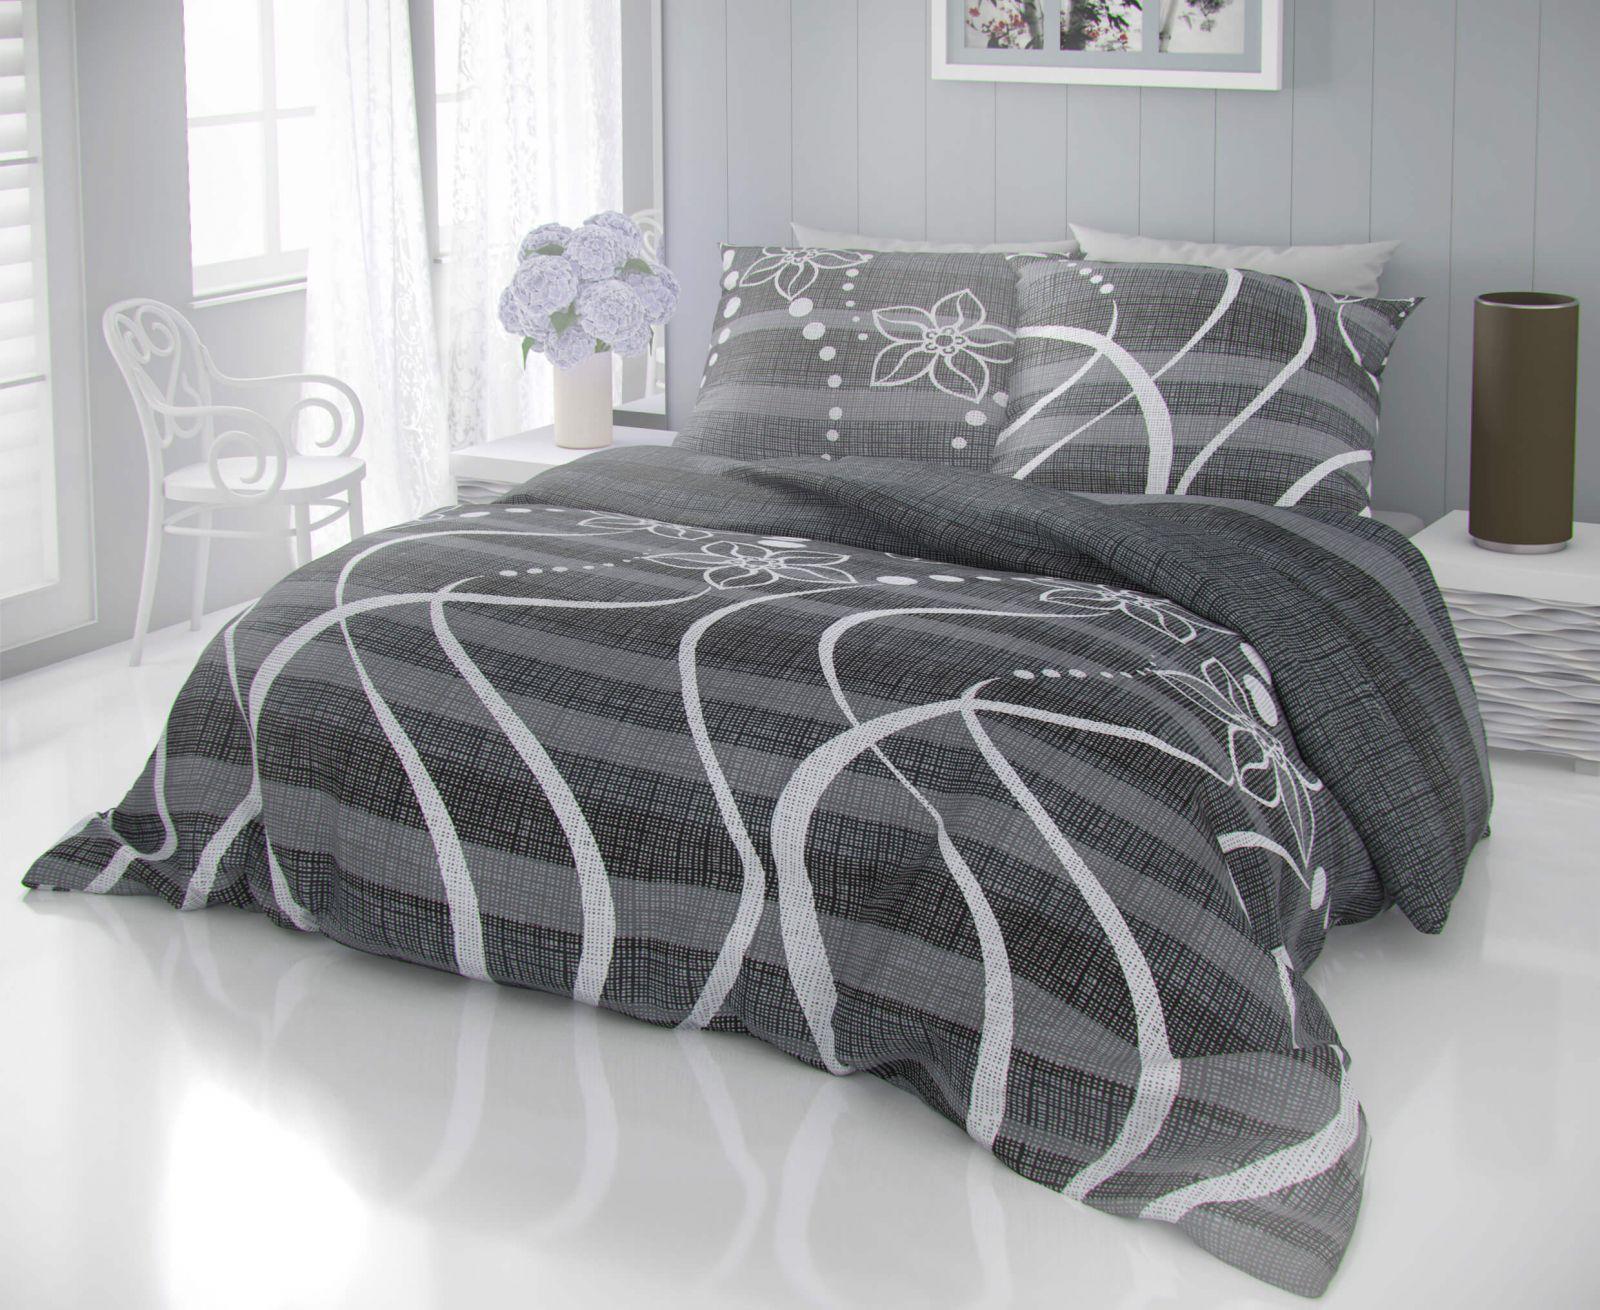 Kvalitné bavlnené obliečky šedých odtieňov so vzorom bodiek a kvietkov DELUX VALERY šedé Kvalitex